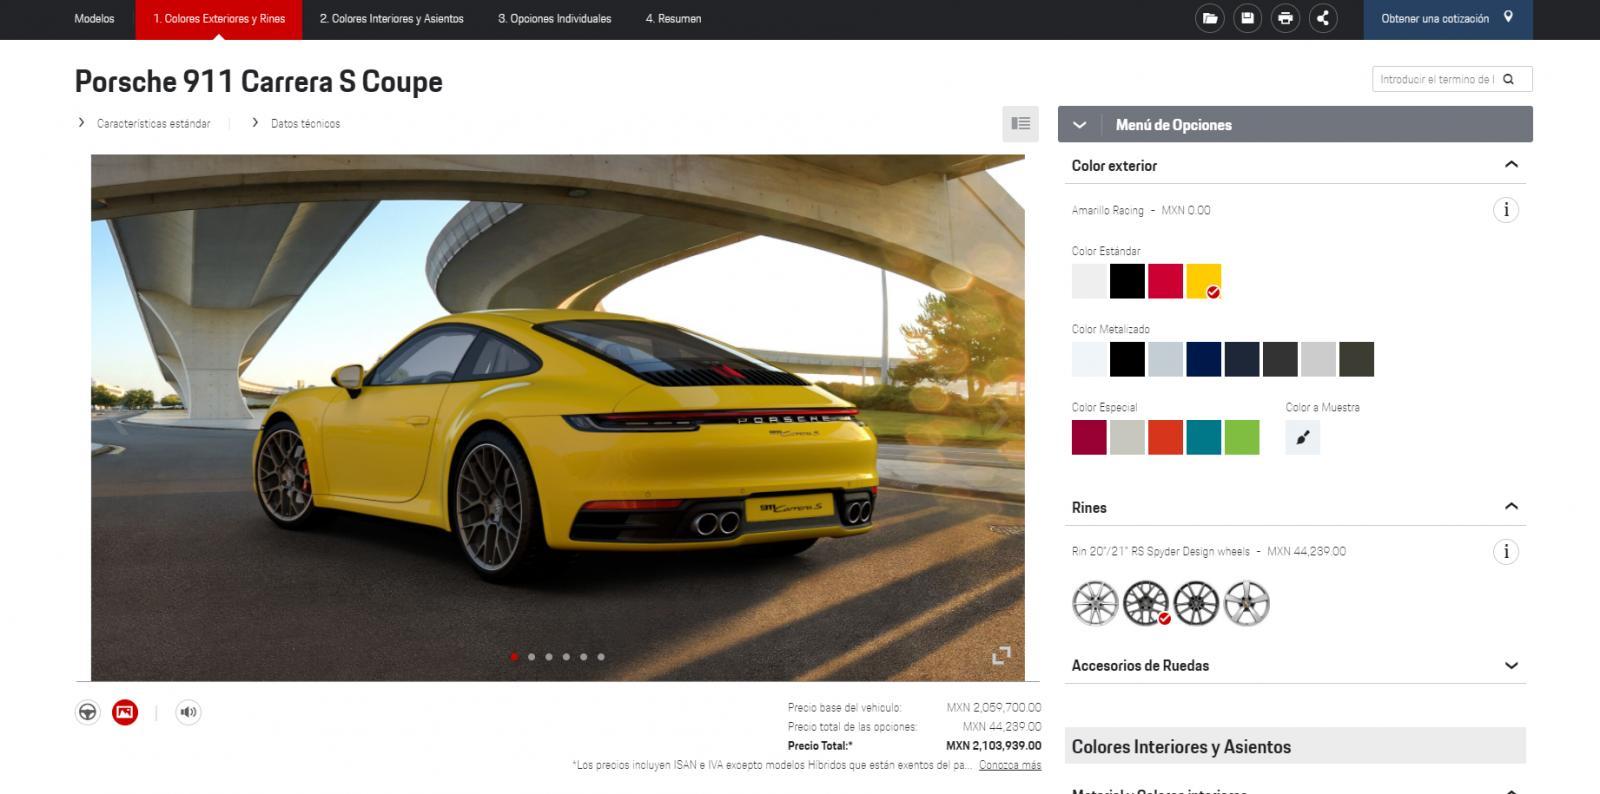 Configurador Porsche